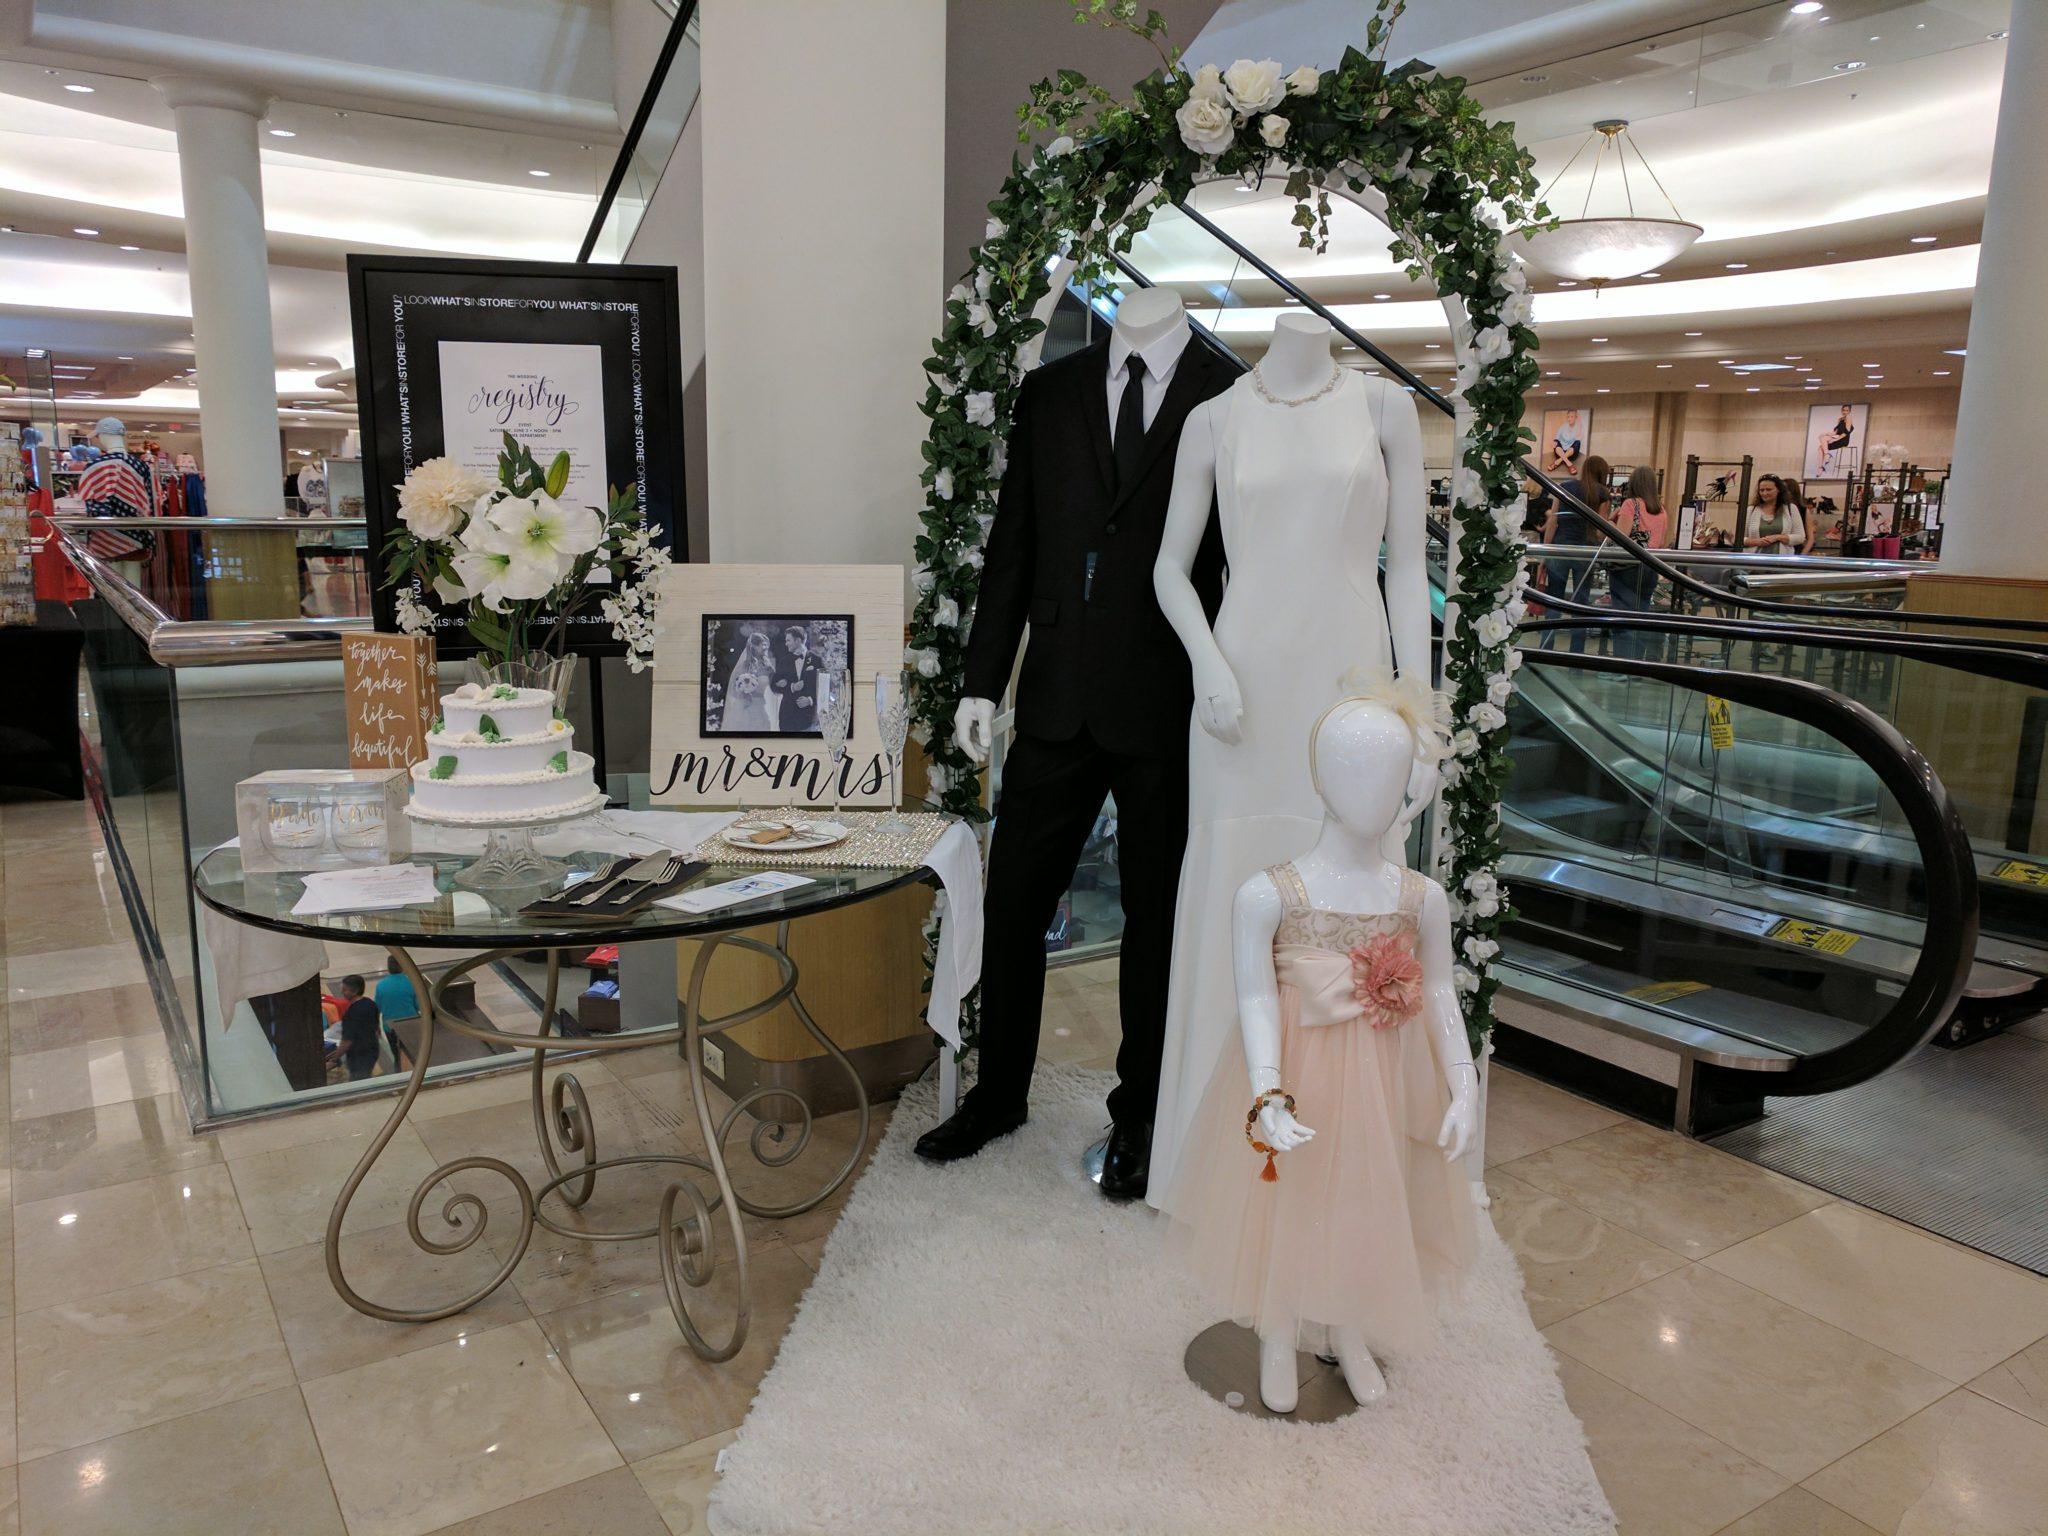 Dillards Wedding Gifts: Dillards Makeup Consultation